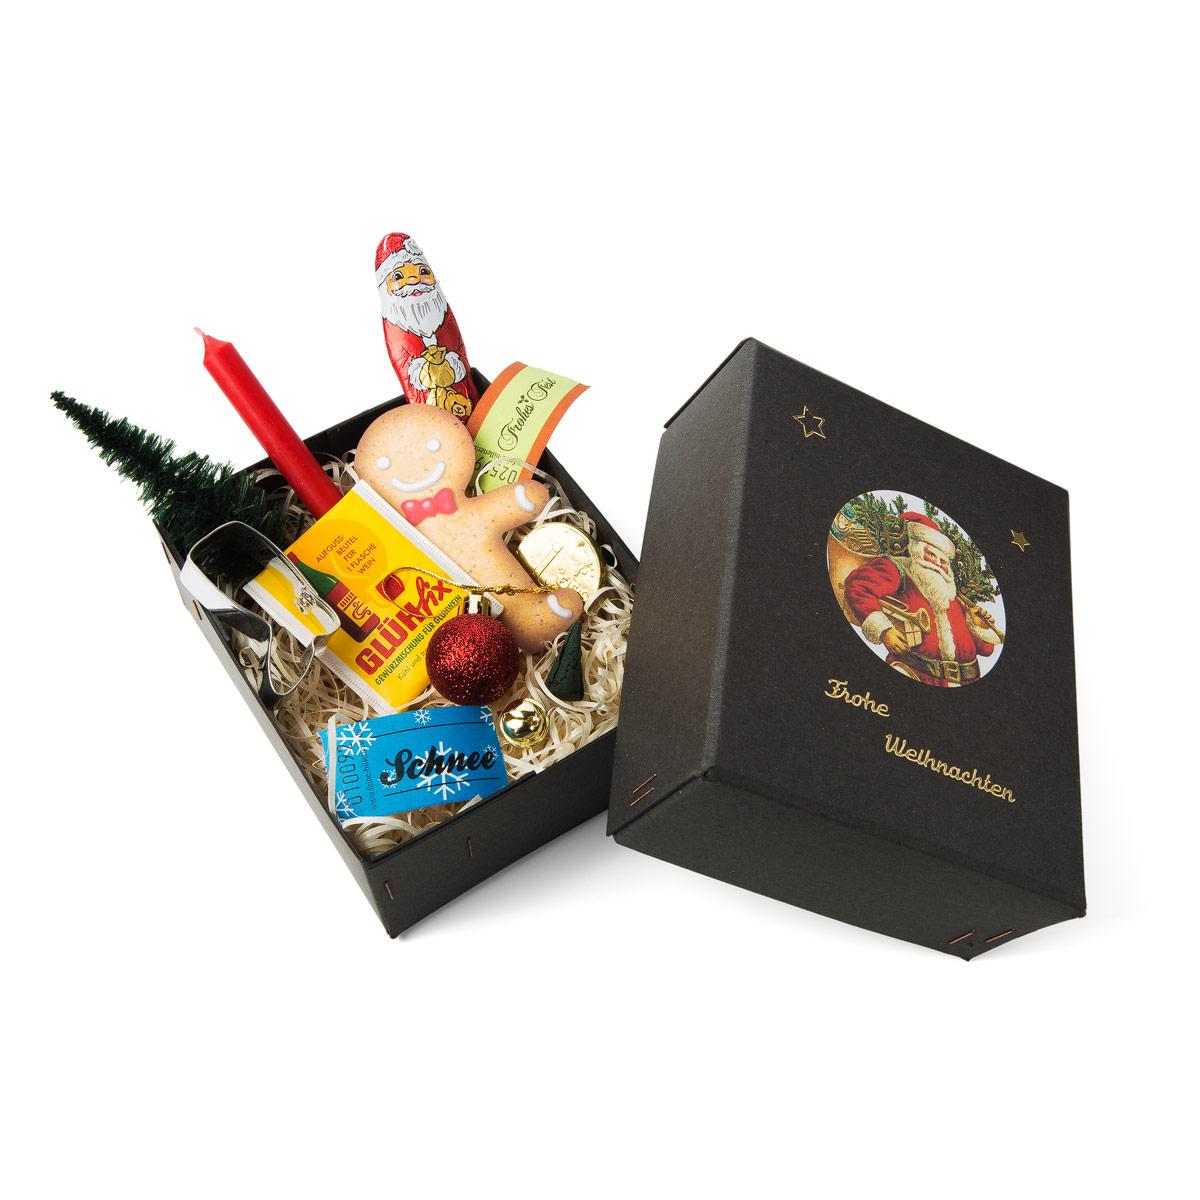 Corpus Delicti Hamburg x box kaufen corpus delicti design hamburg wir machen geschenke